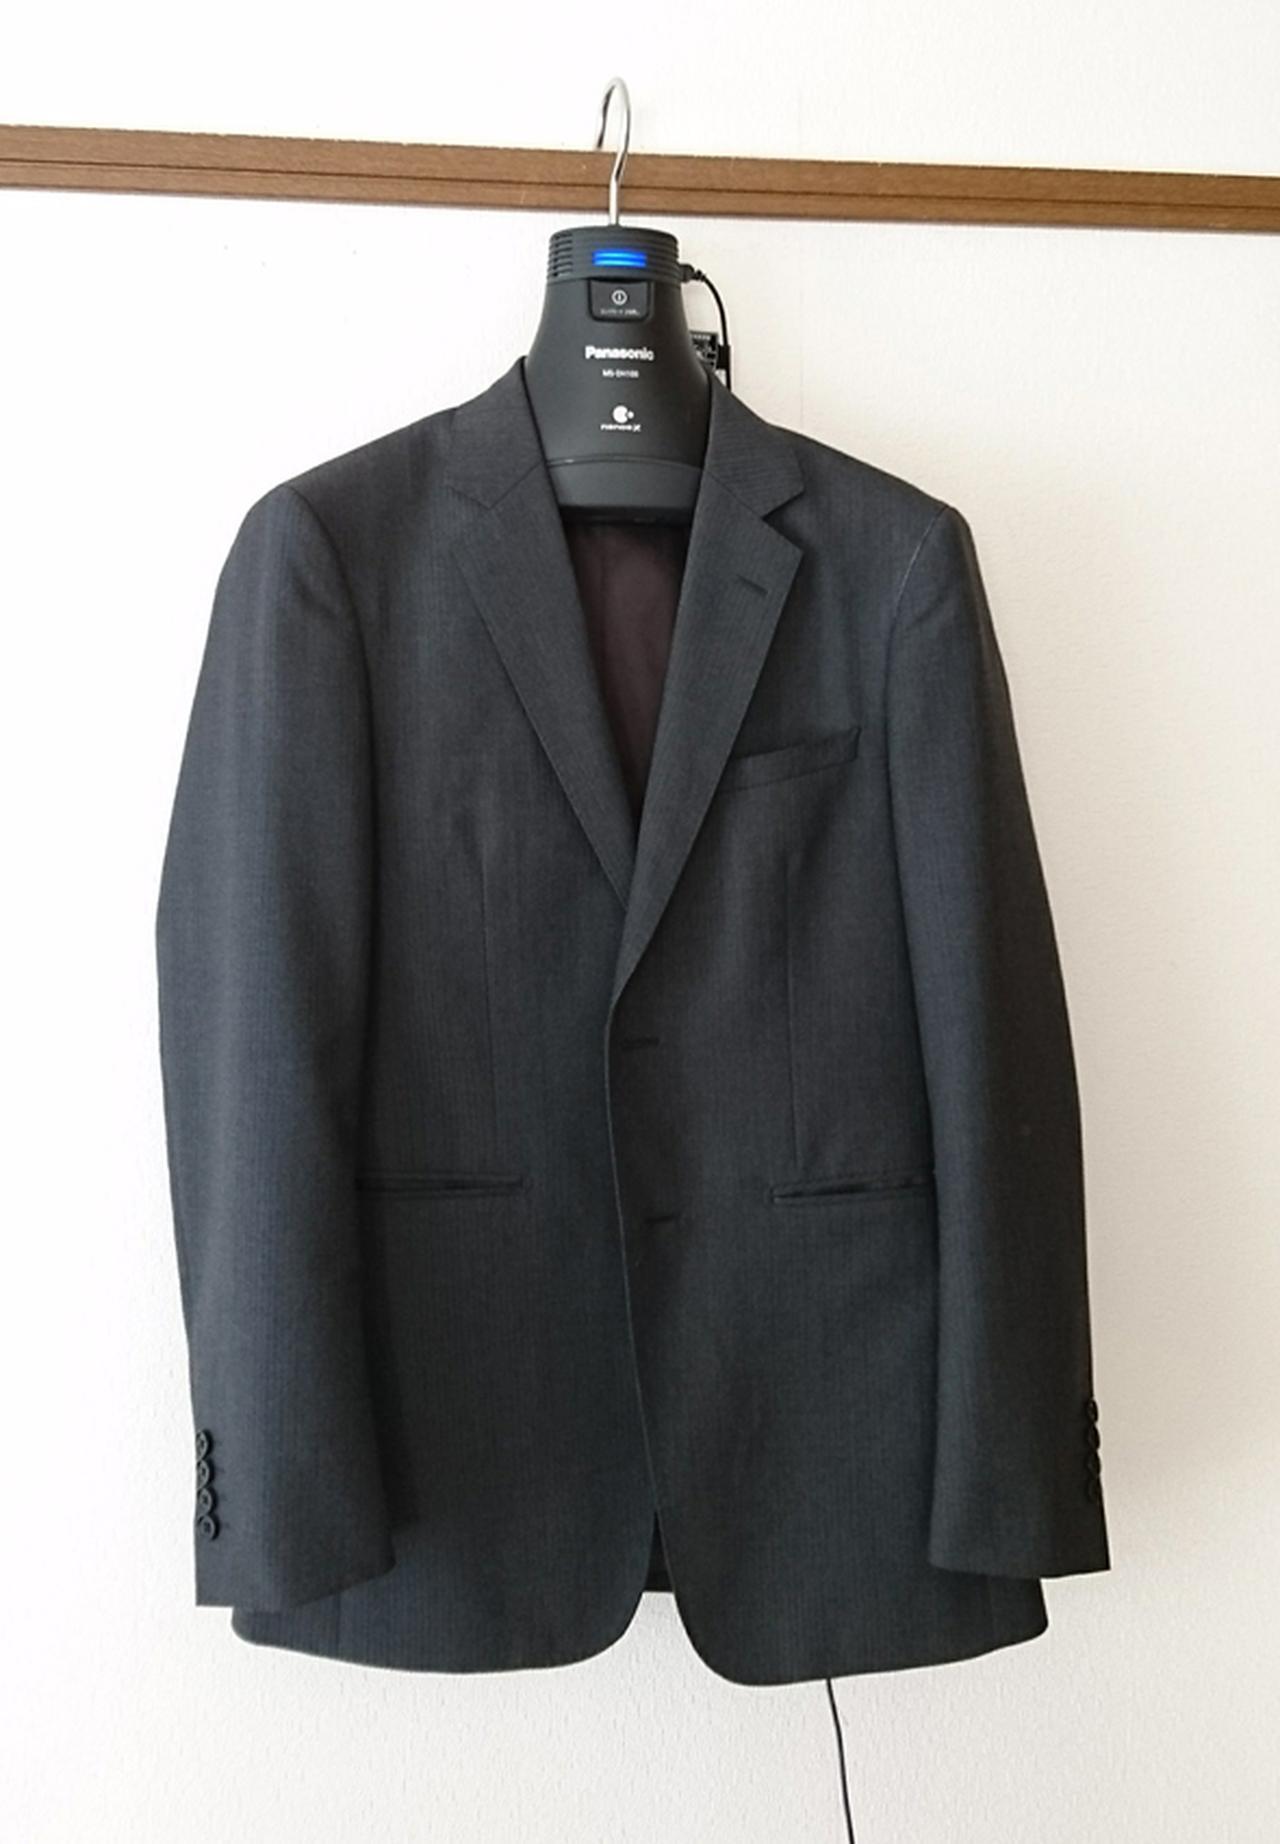 画像: 本体は丸みを帯びた形状なので、スーツの肩回りに、しわがよるようなこともない。本体サイズは、幅400ミリ×高さ281ミリ×奥行き88ミリ、約520グラム。